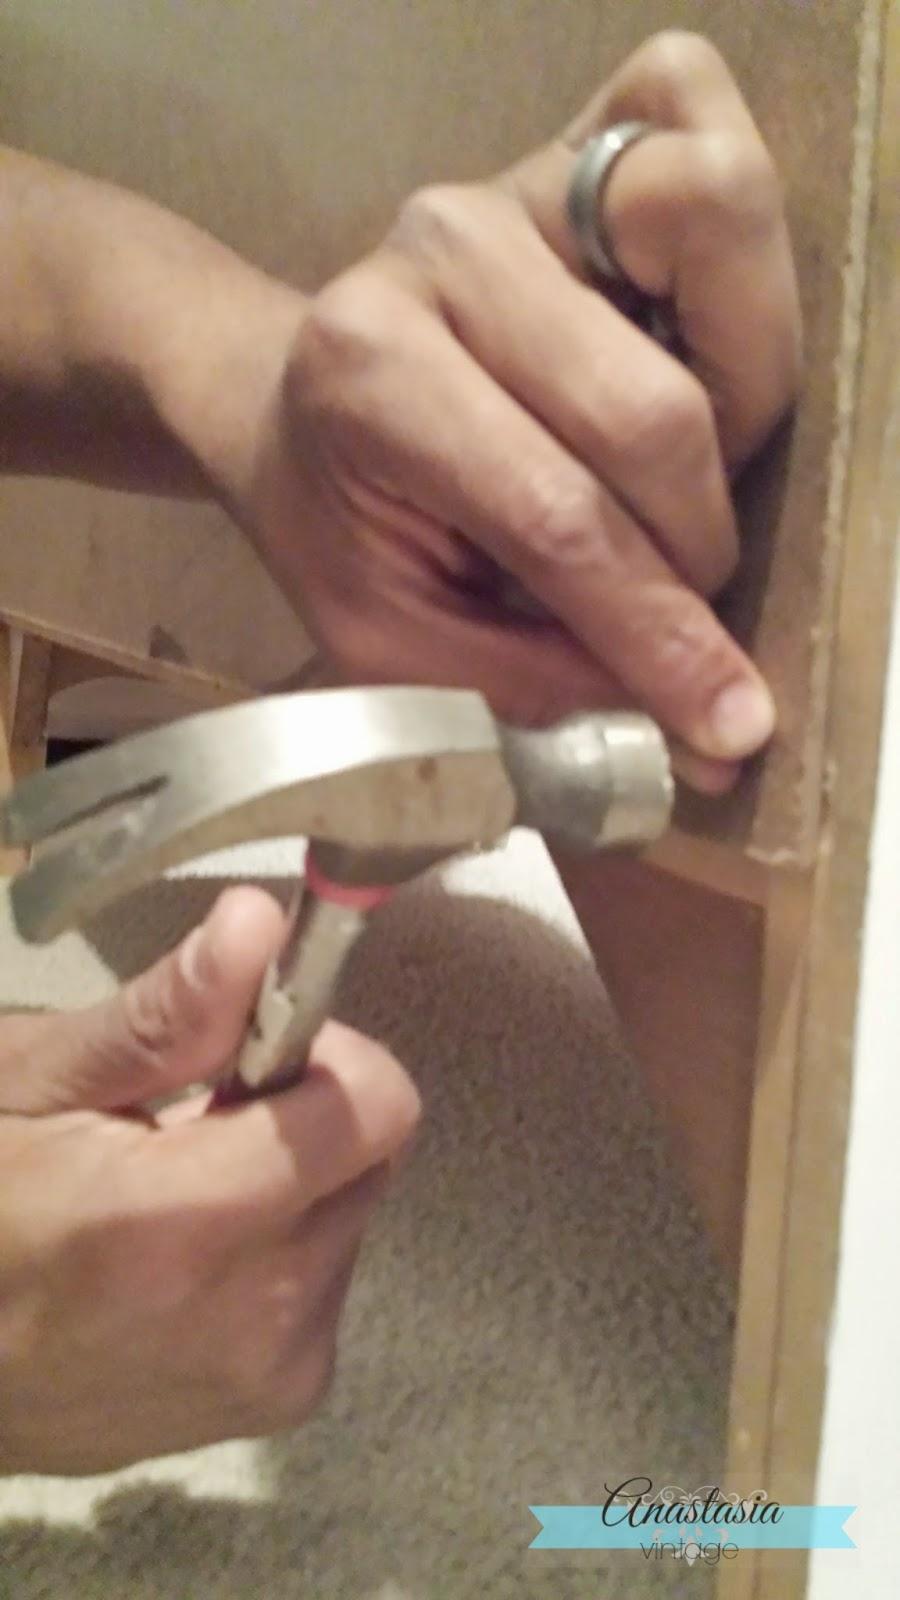 hands hammering